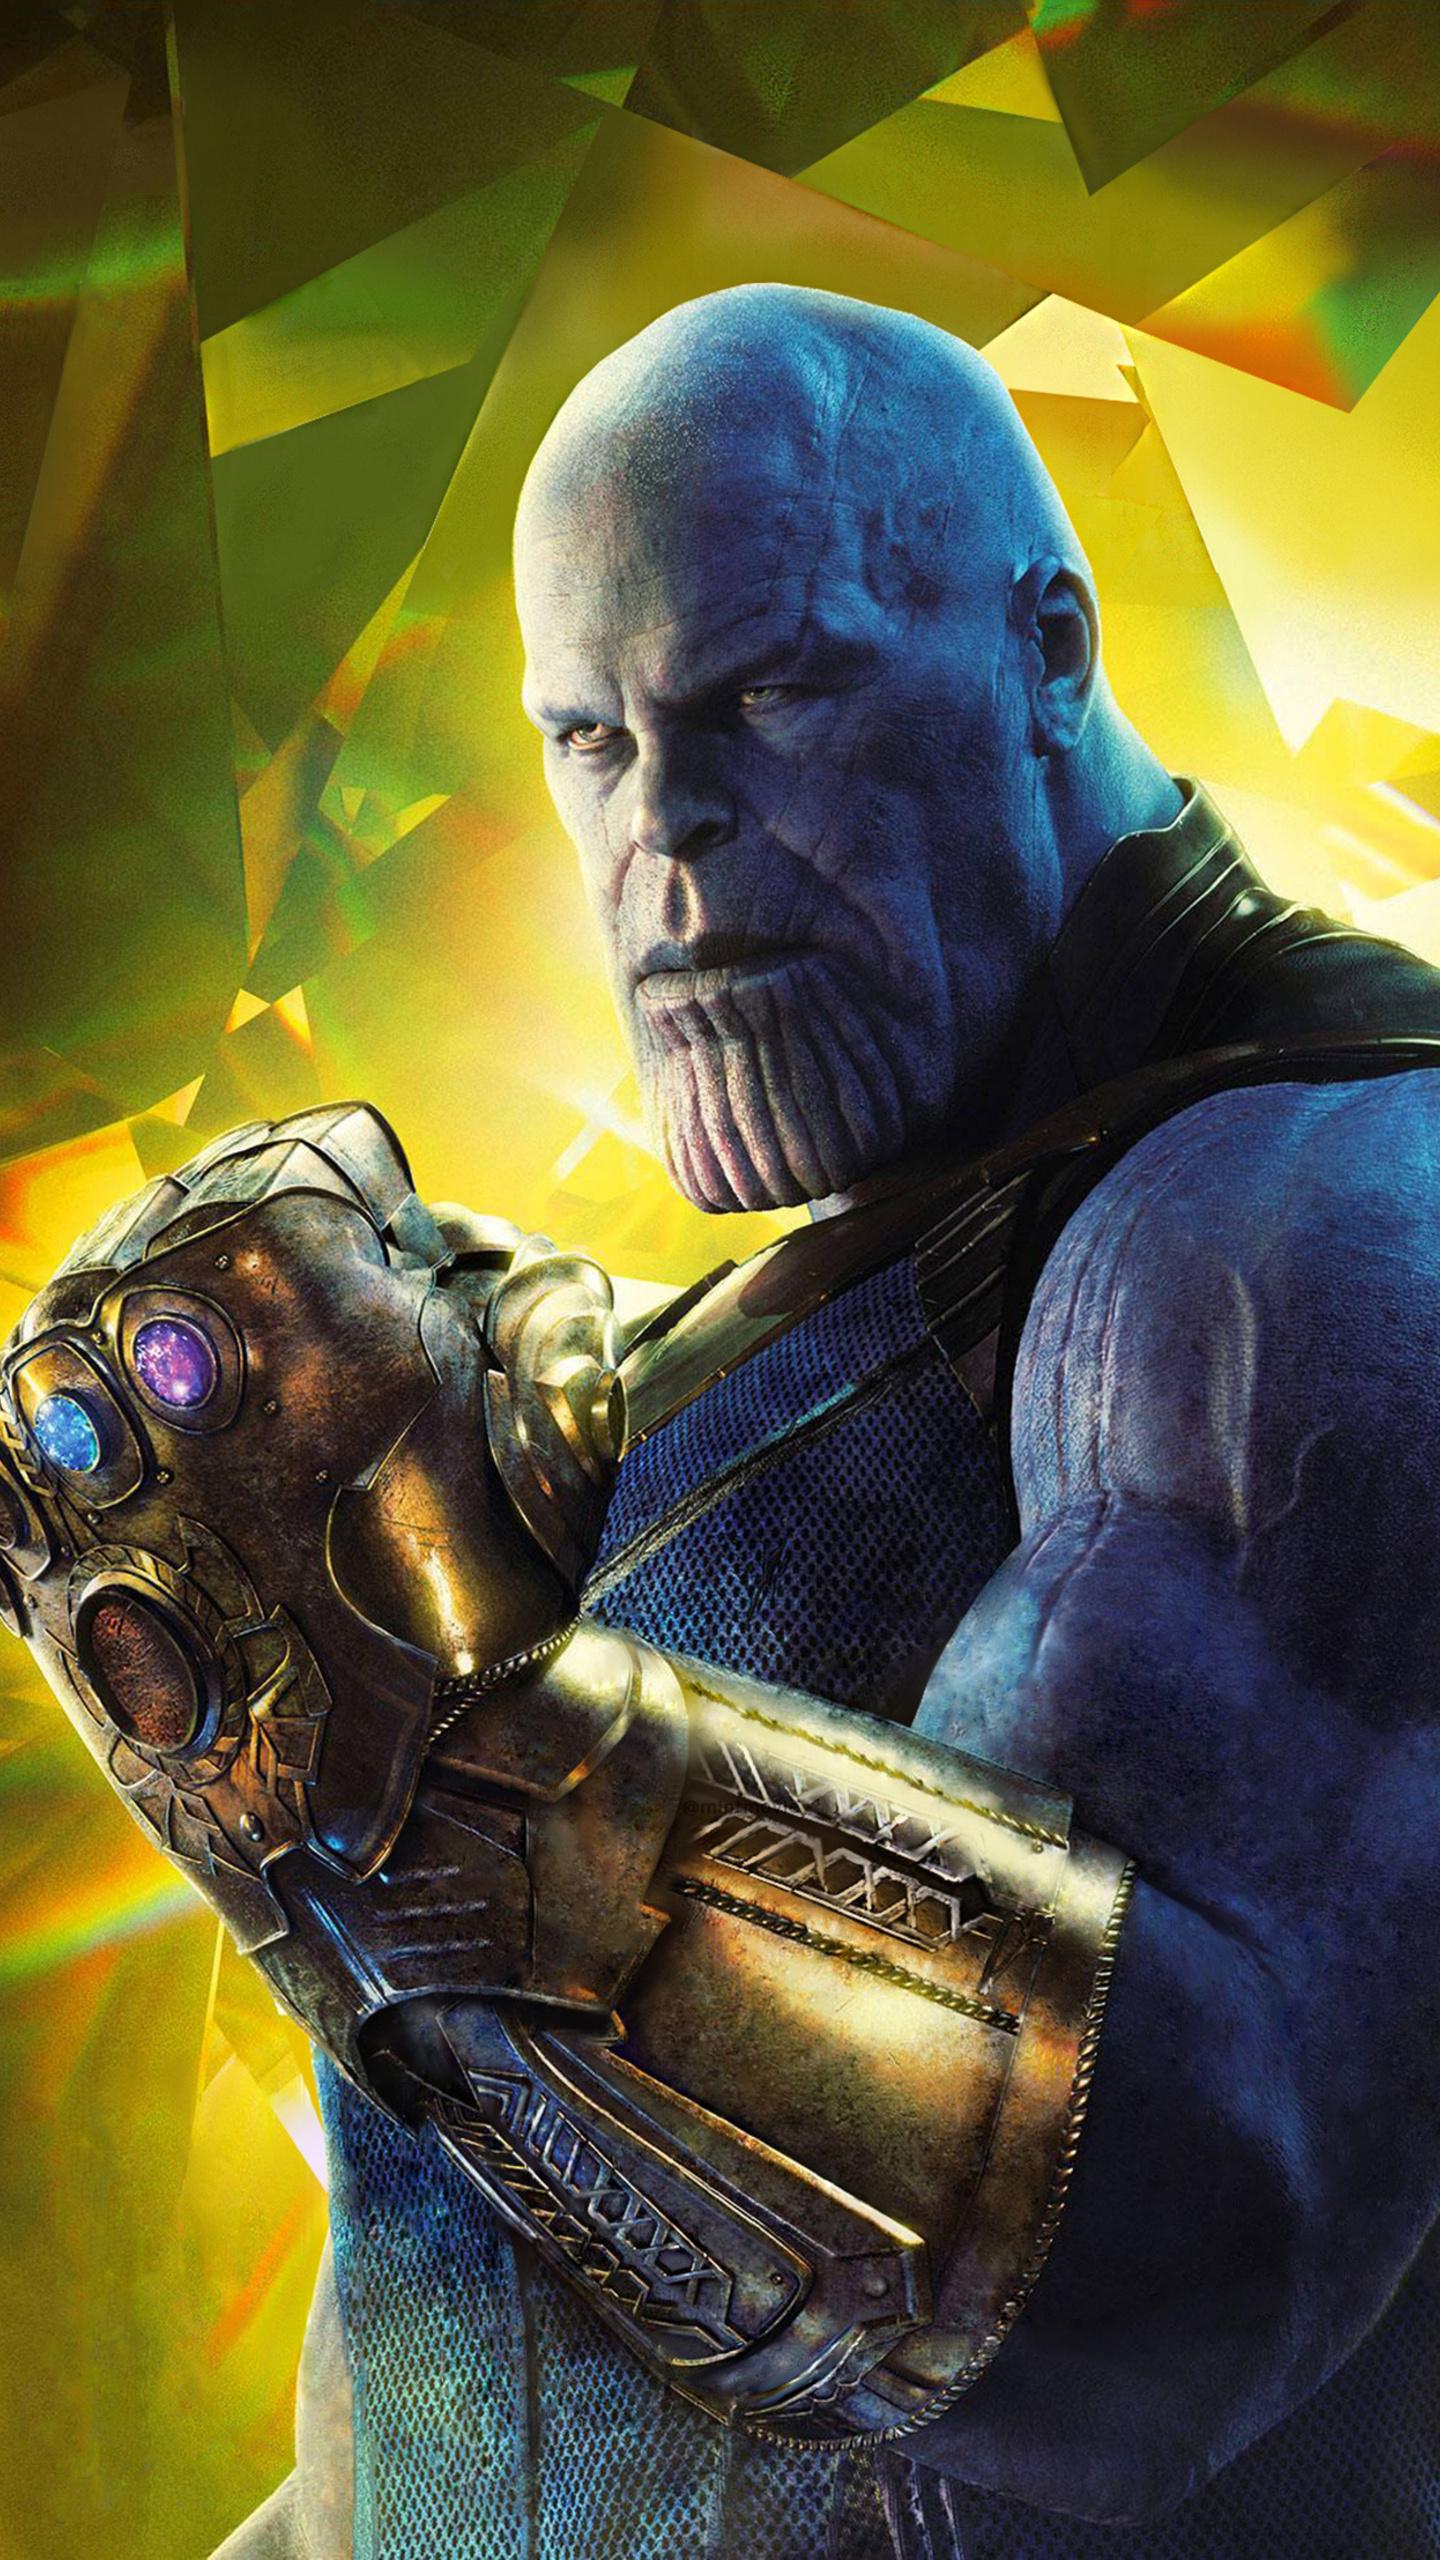 avengers-infinity-war-2018-movie-poster-2o.jpg